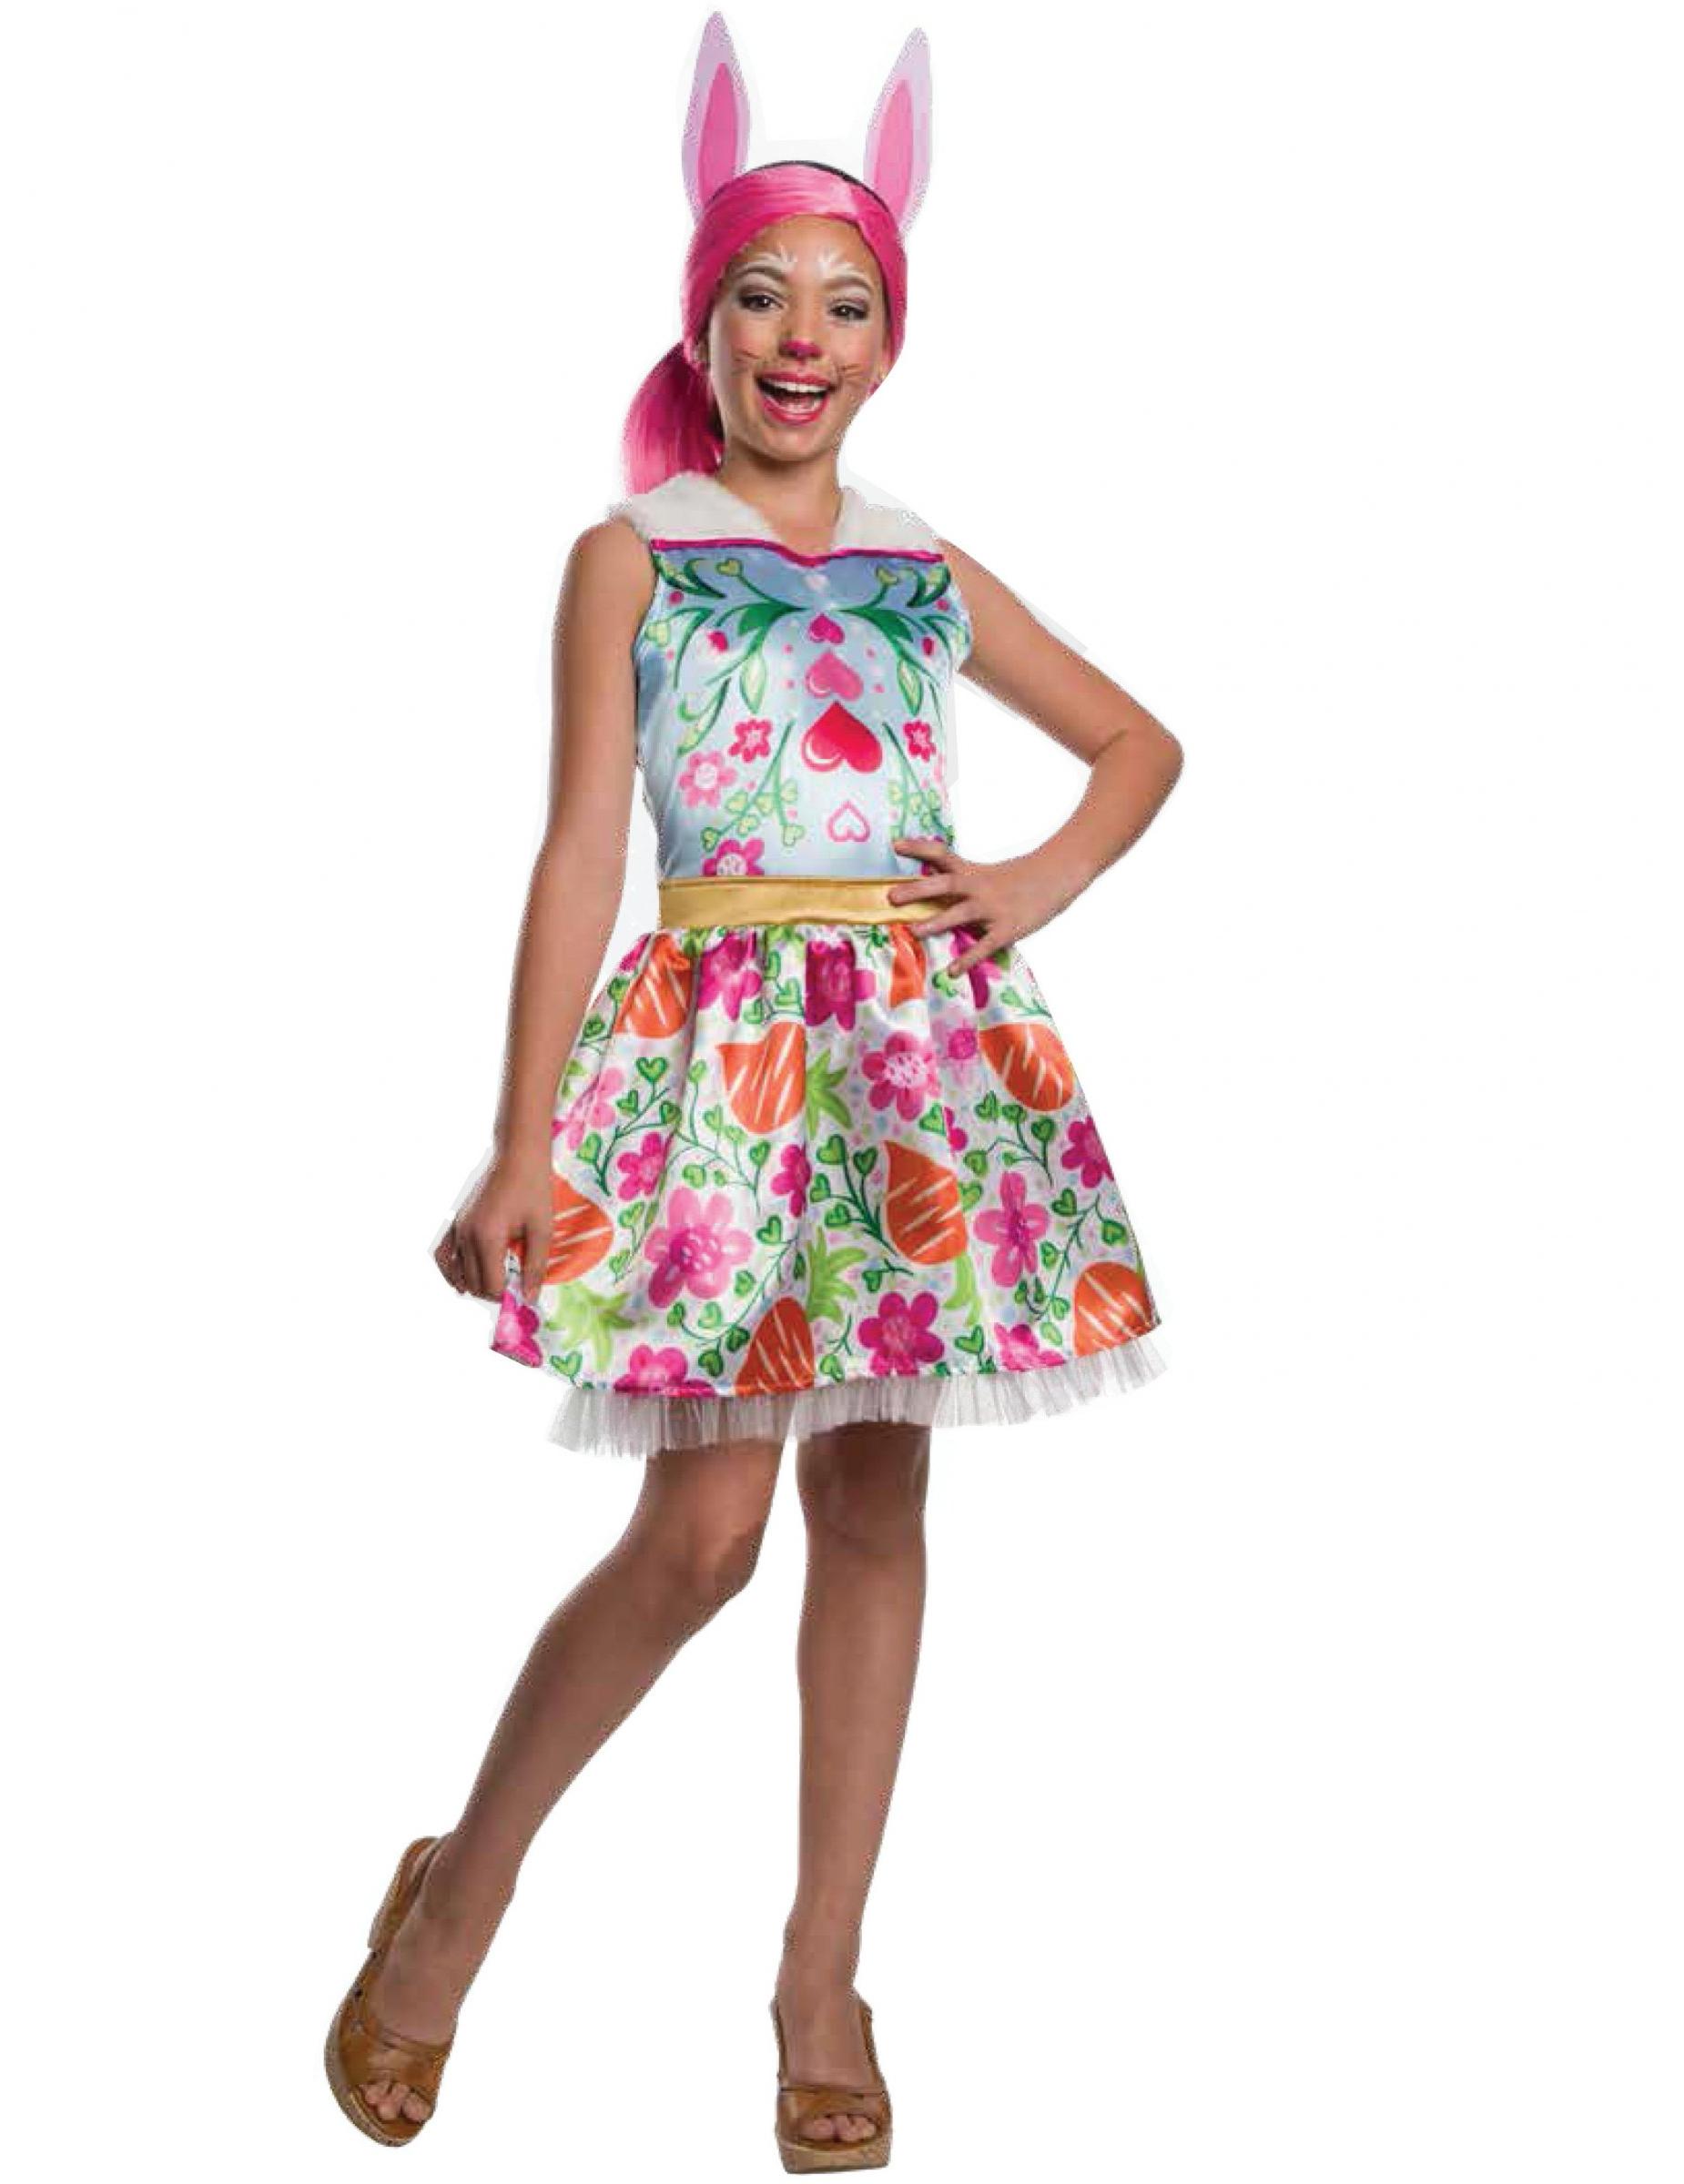 925e3f10d28e Costume Bree La Coniglietta Enchantimals™ per bambina: Costumi ...